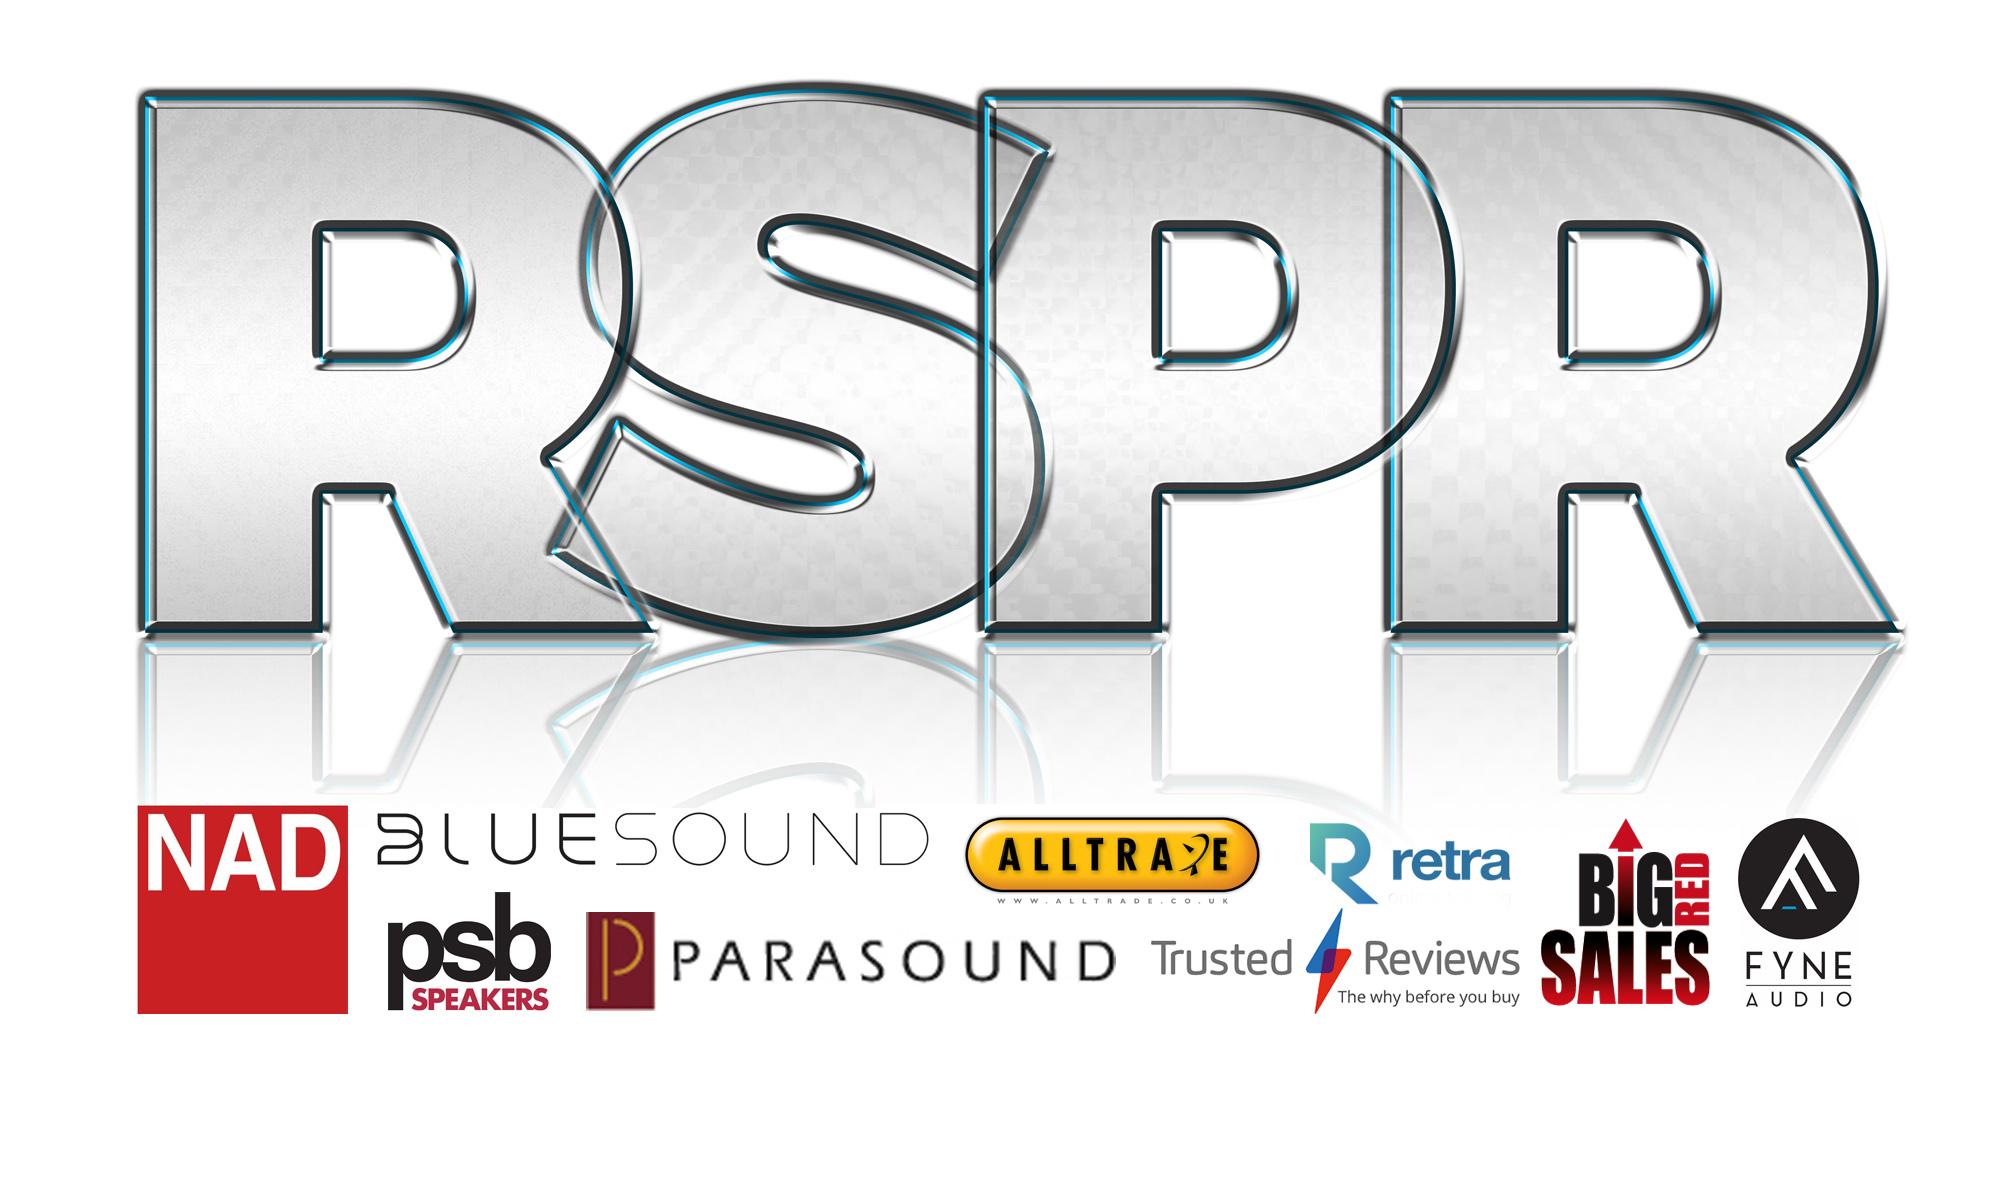 RS PR Media Solutions Ltd.